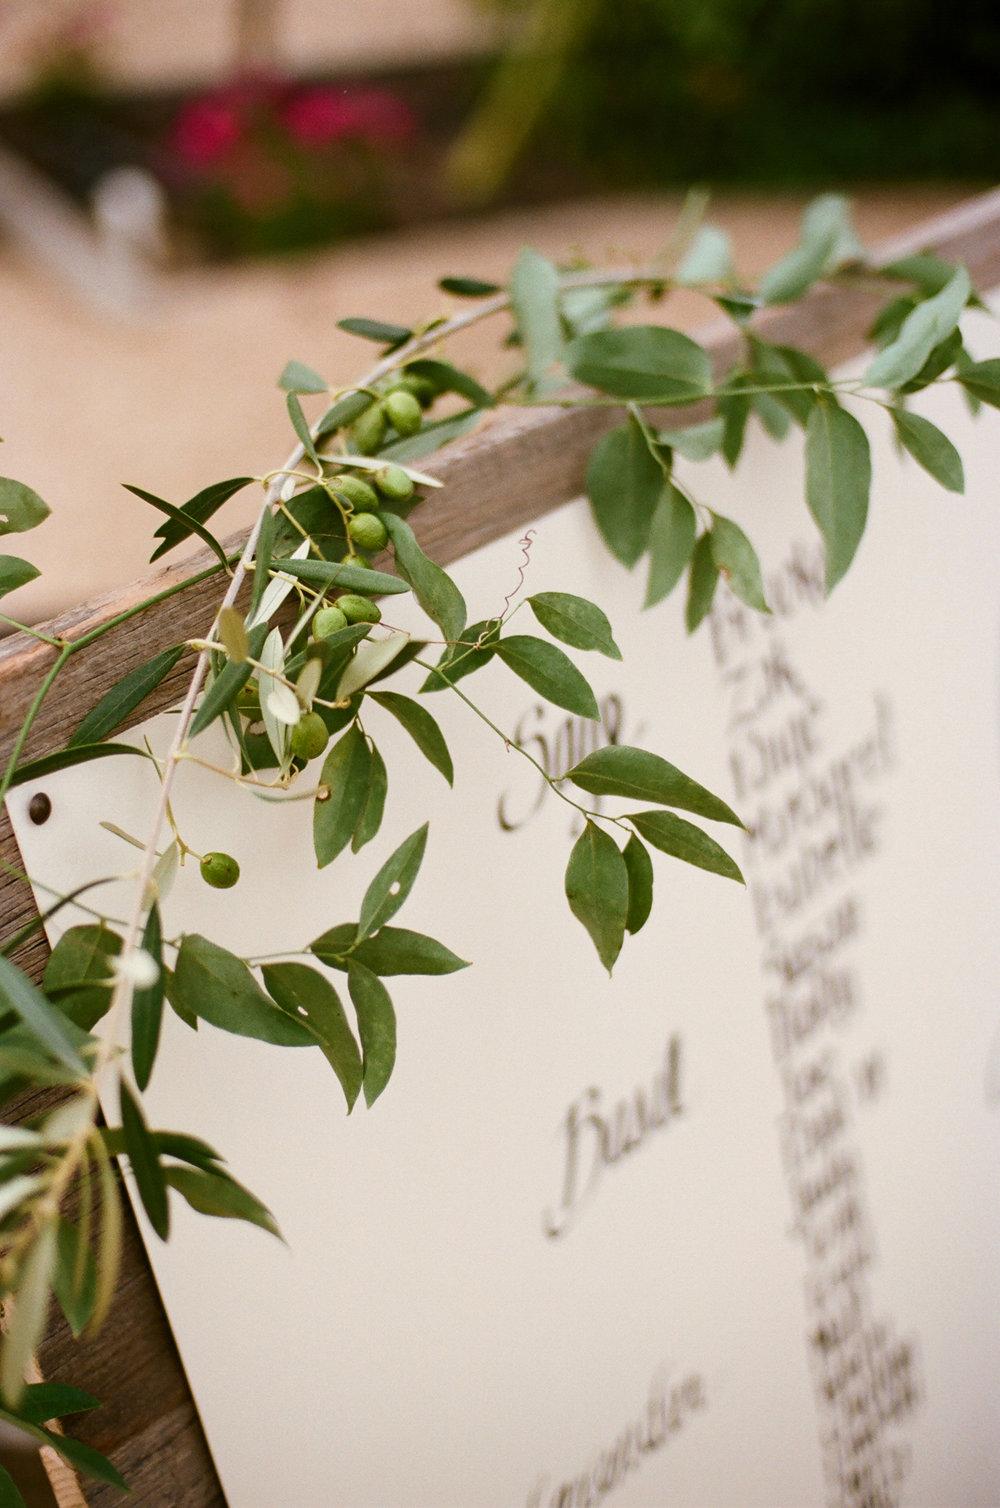 38-herbs-vines.jpg